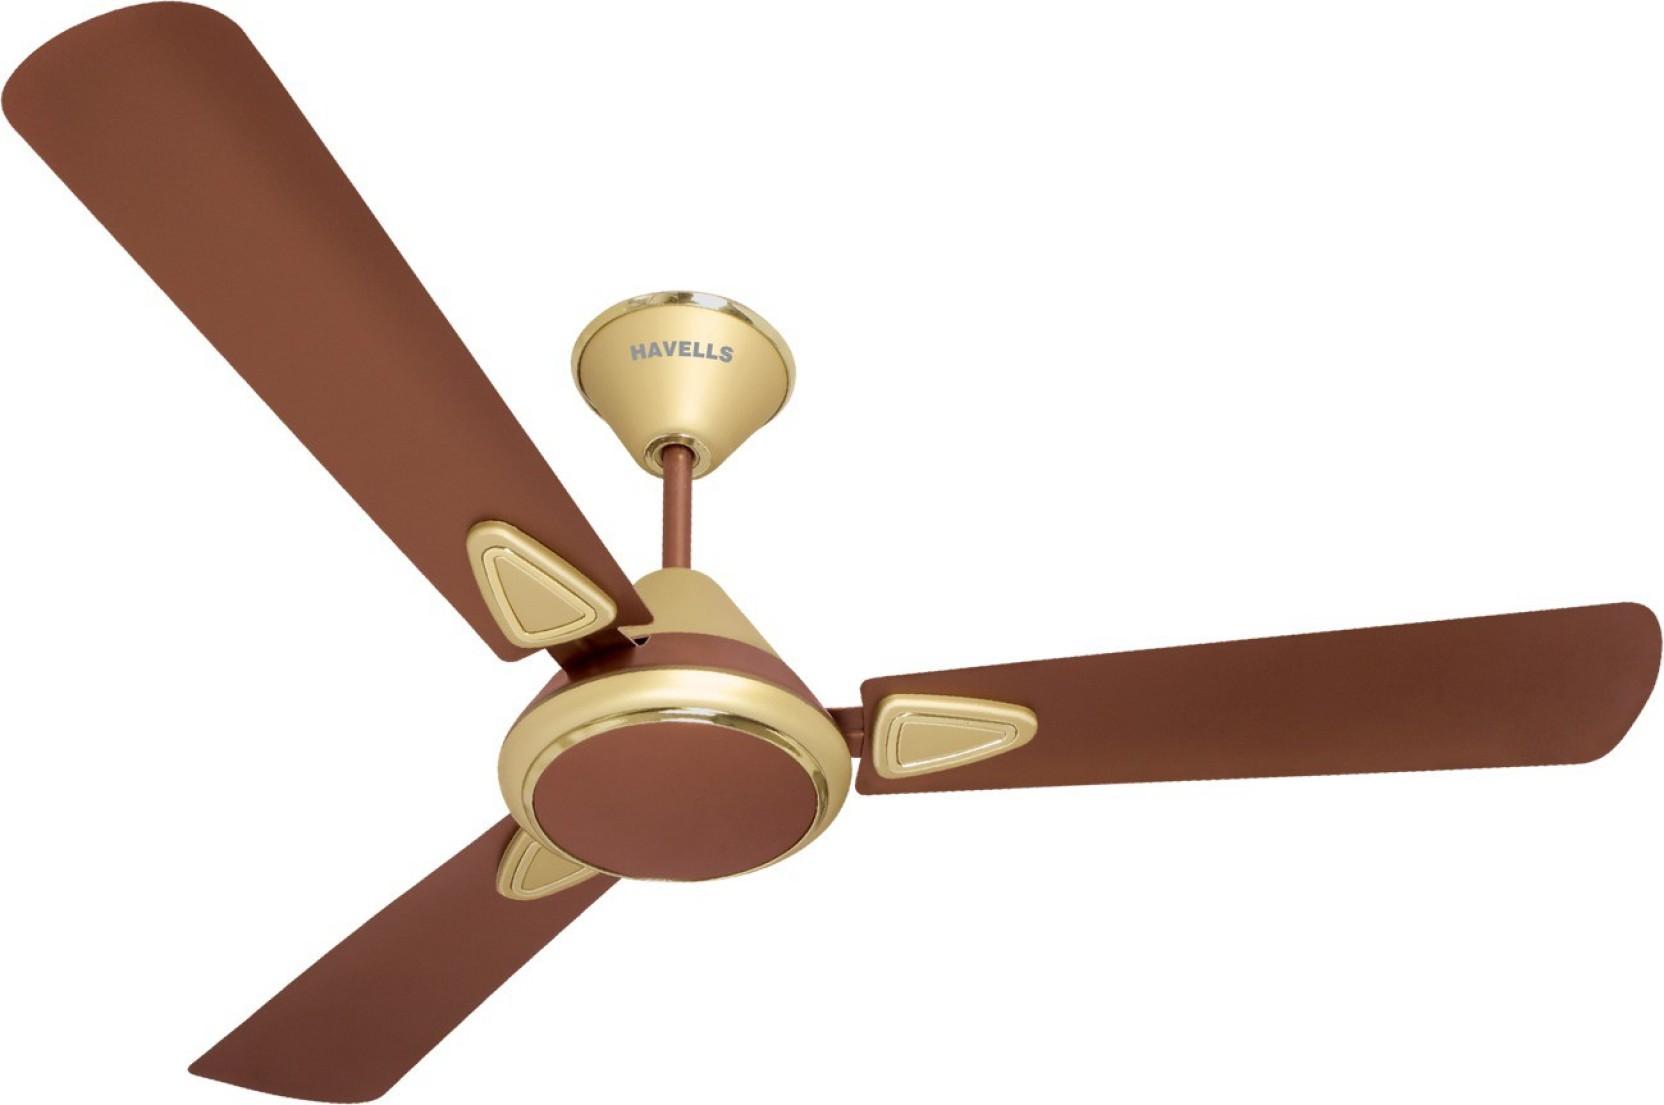 Havells Fusion Ii 900mm Matt Beige 3 Blade Ceiling Fan